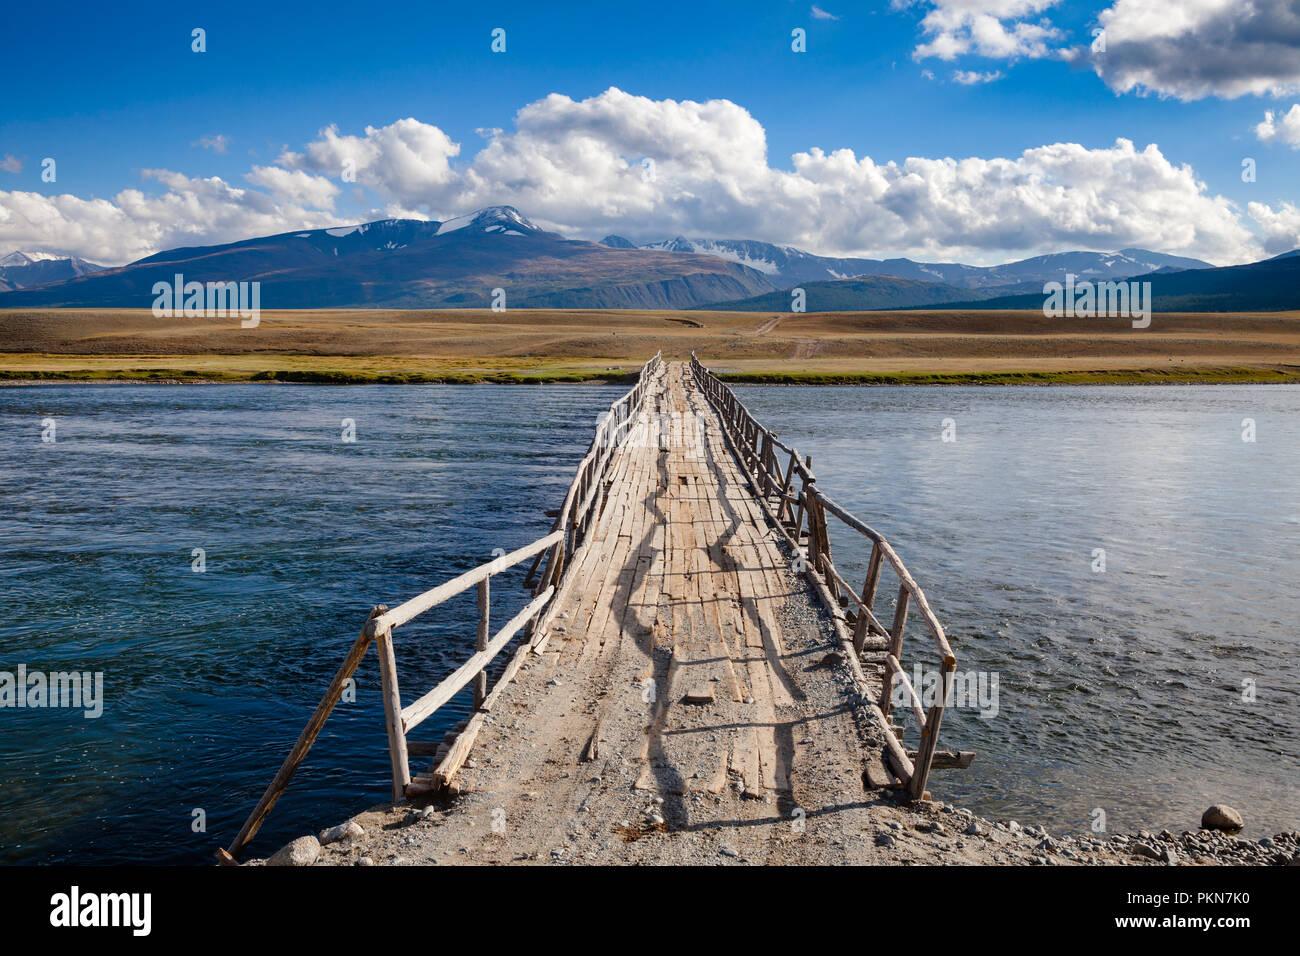 Desvencijado puente de madera sobre un río con lejanos cordillera en el fondo, las montañas de Altai, Mongolia occidental Foto de stock